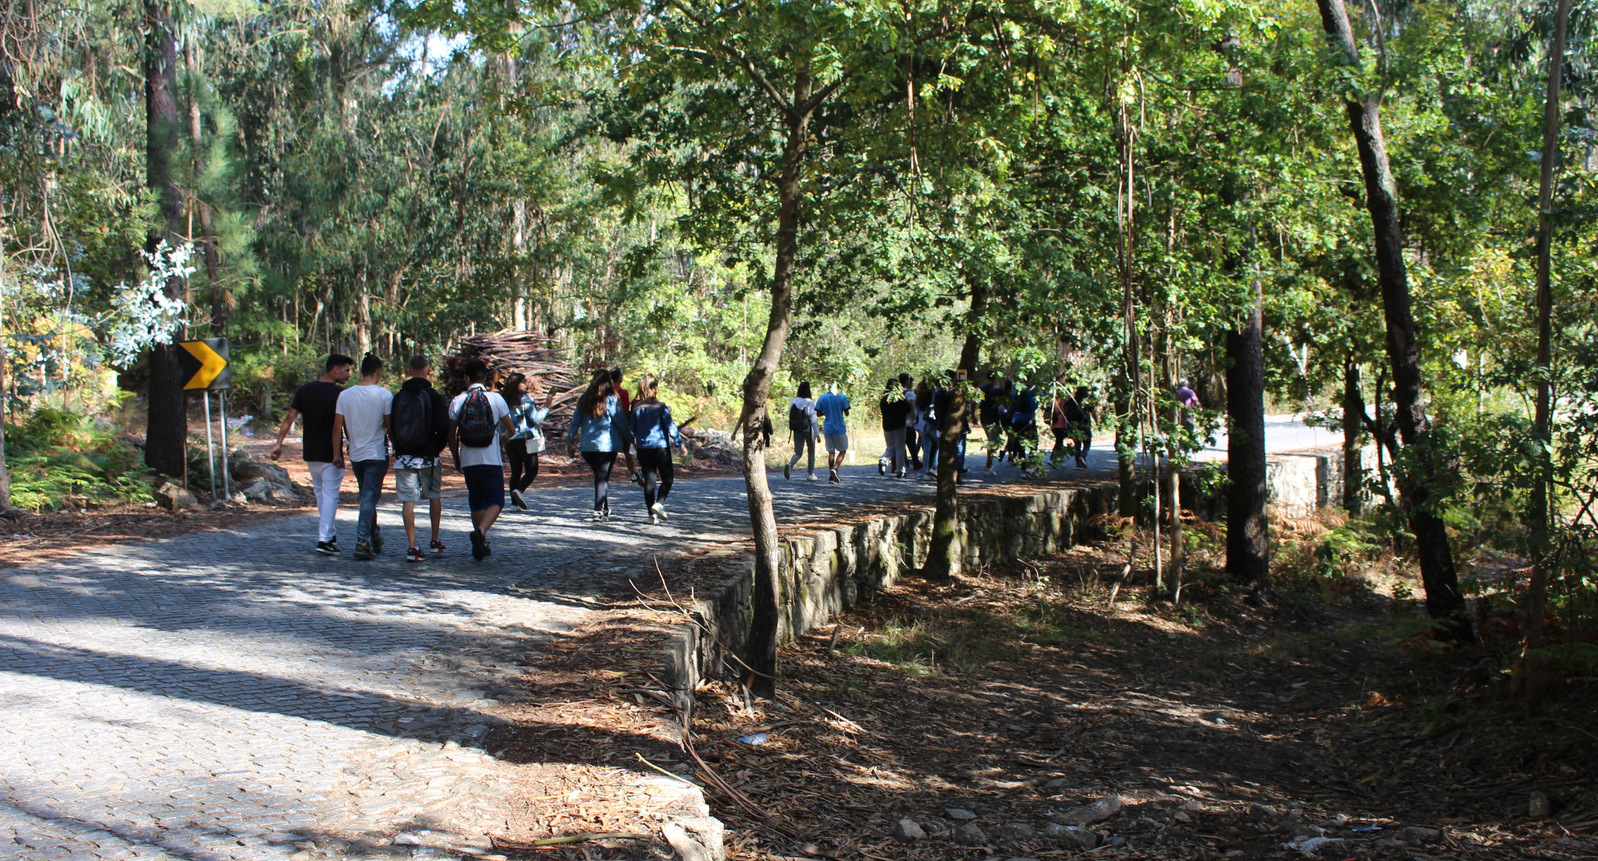 Município de Esposende alarga Rede Municipal de Percursos Pedestres com novo  trilho em Gemeses